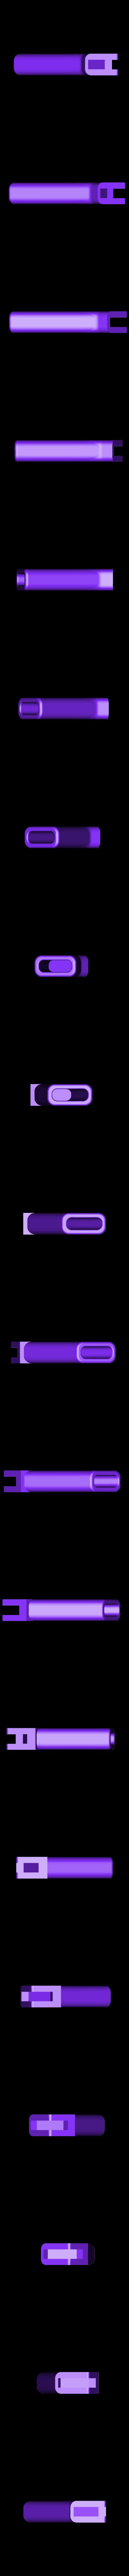 11.stl Télécharger fichier STL gratuit pistolet fonctionnel gun • Objet pour imprimante 3D, jolafrite342